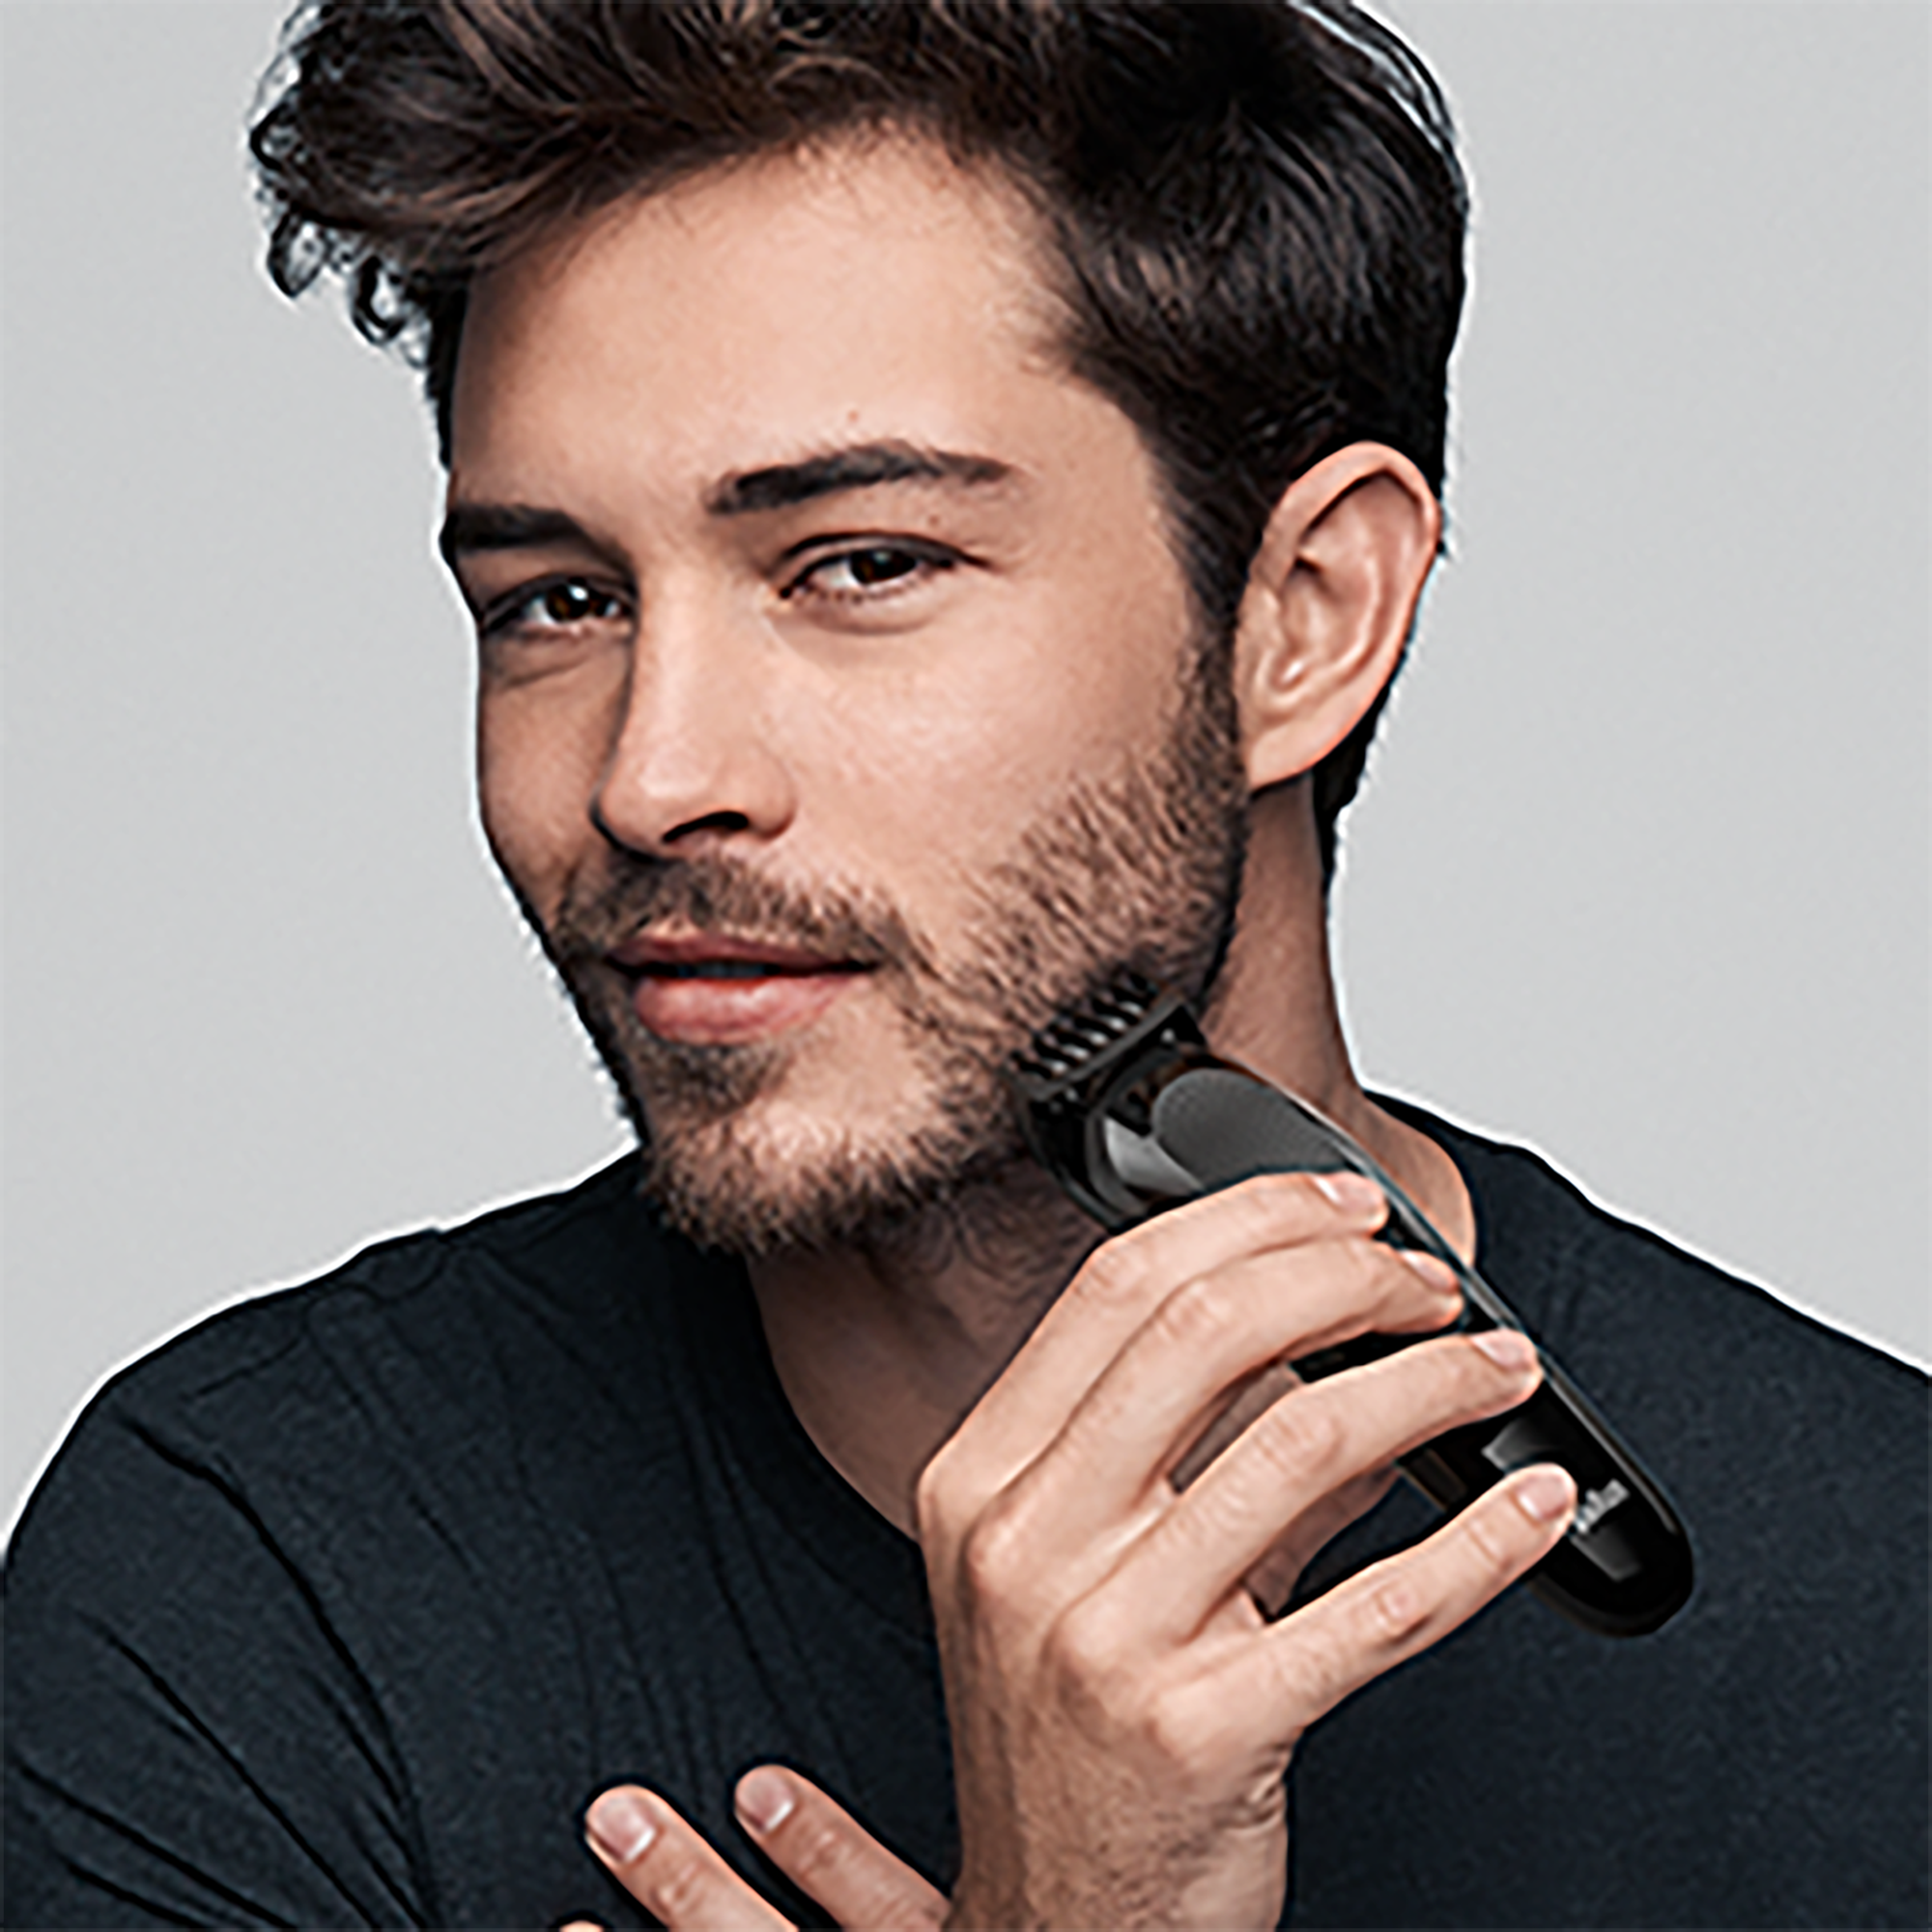 Short to medium beards